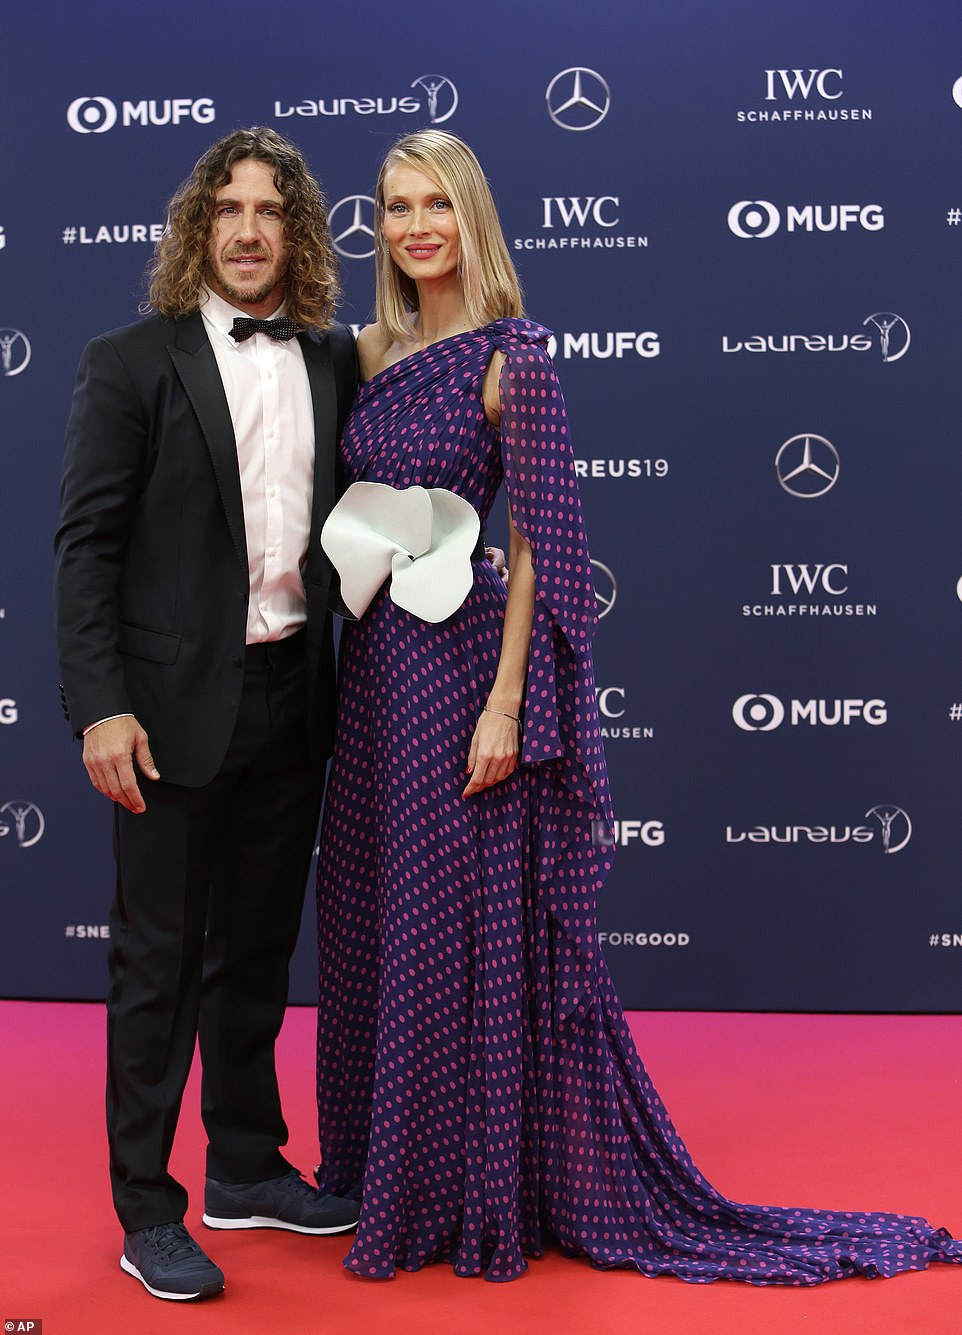 普约尔妻子凡妮莎洛伦佐的深紫色红点长裙成为会场焦点.jpg